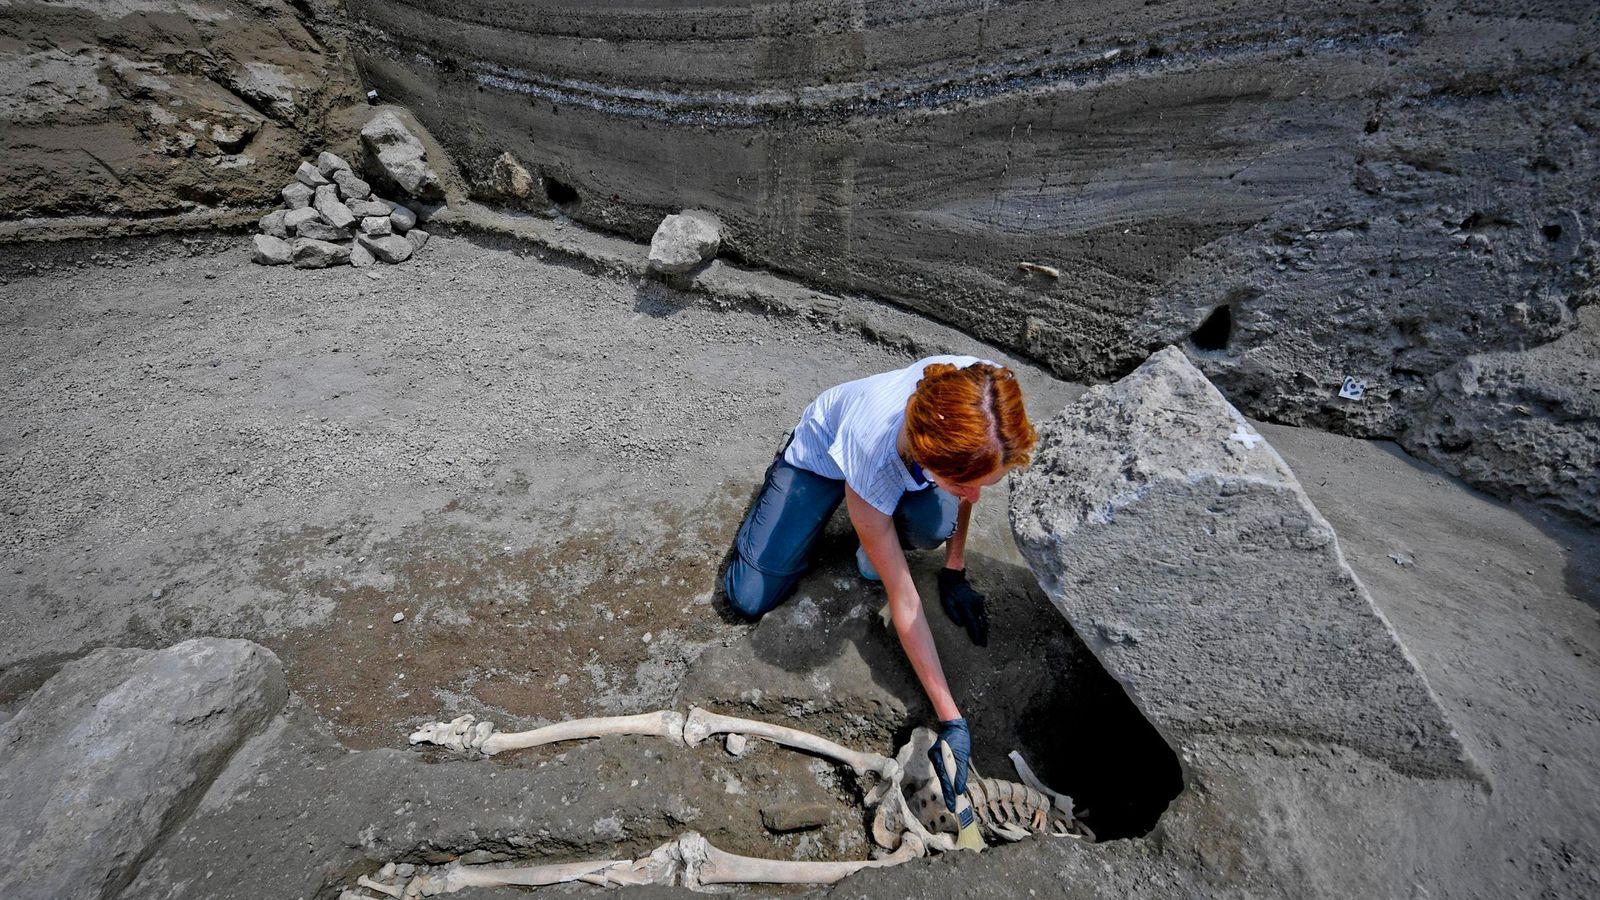 Quando o corpo da vítima foi descoberto, os arqueólogos de Pompeia suspeitaram que ele havia sido ...